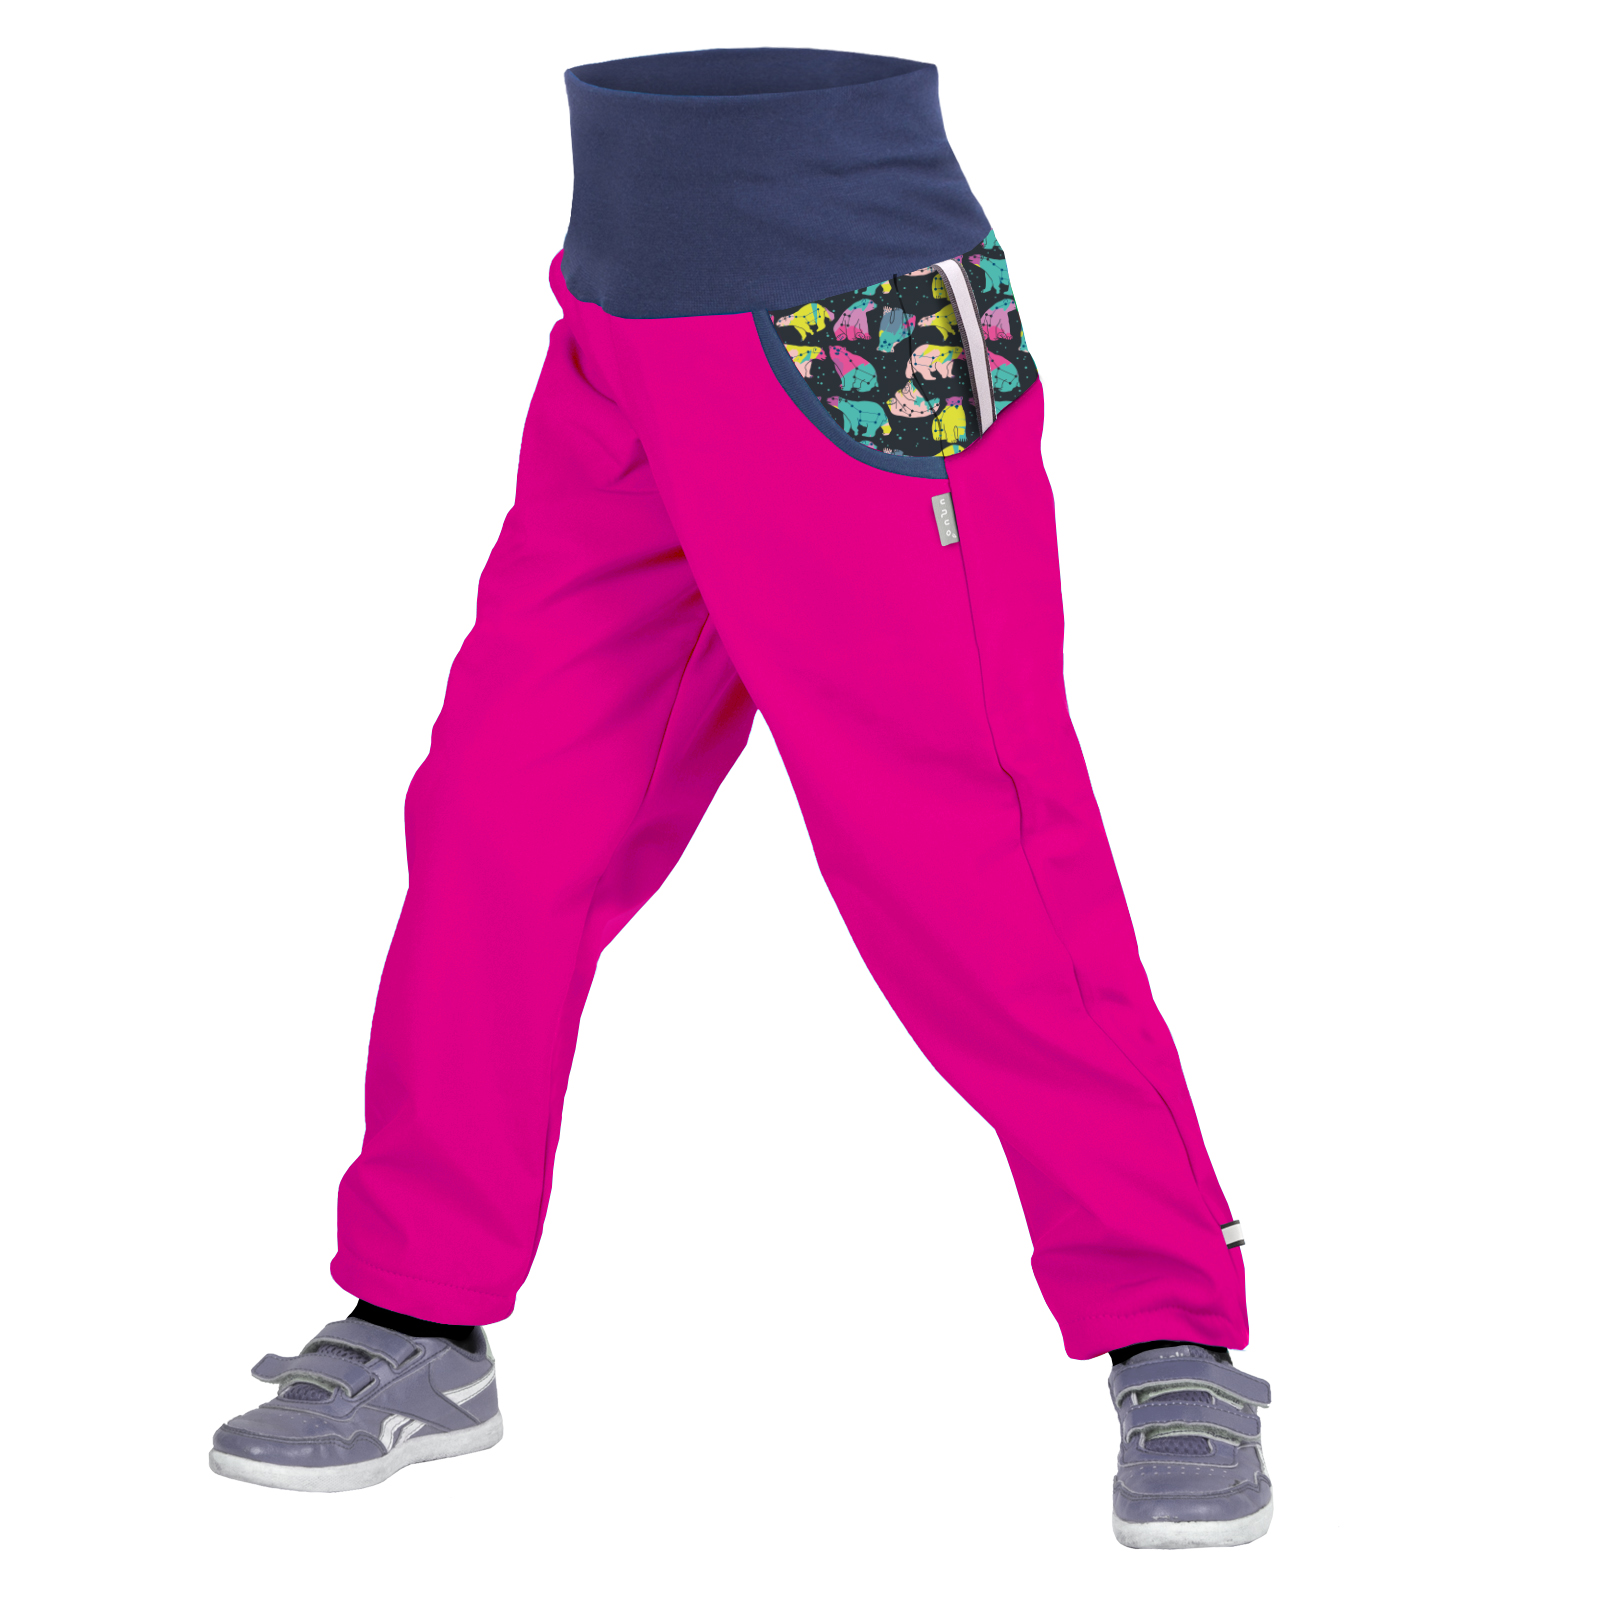 unuo softshellové kalhoty s fleecem Souhvězdí medvěda fuchsiové Velikost UNI (Size): 110/116